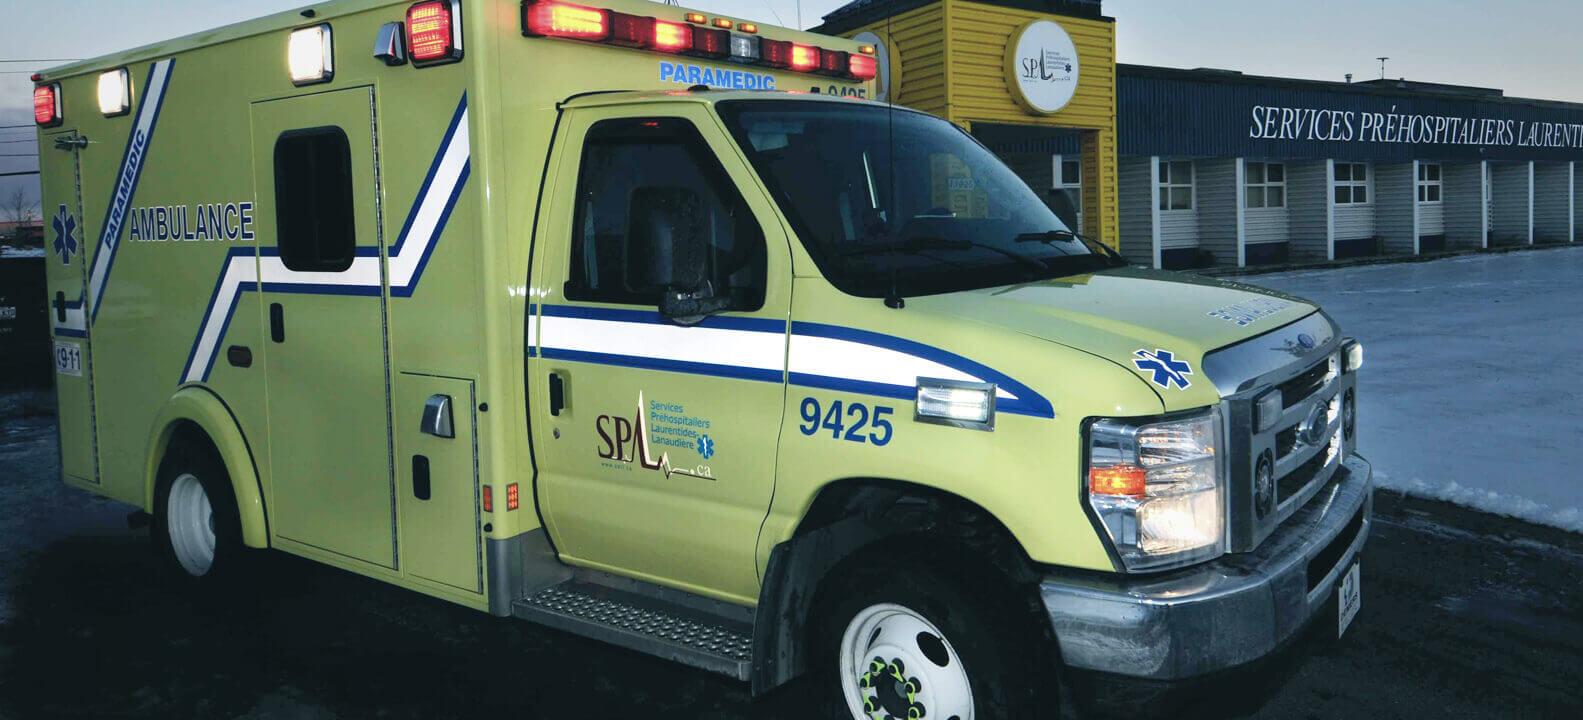 SPLL Véhicule ambulancier